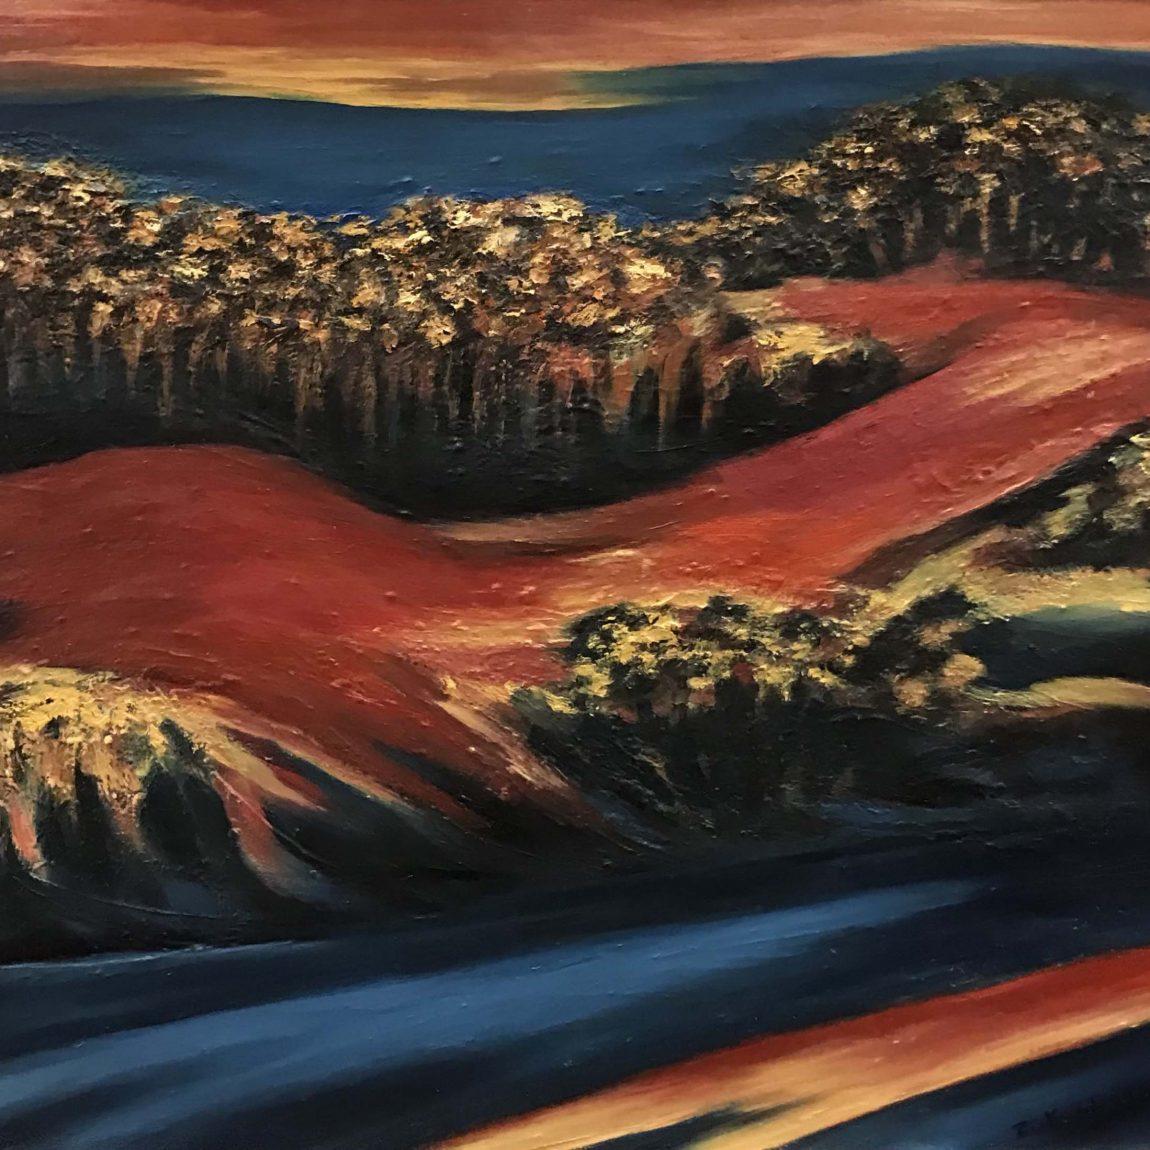 ZUHAL KIVILCIM Teknik: Tuval Üzeri Yağlı Boya Ölçü: 60 x 80 cm